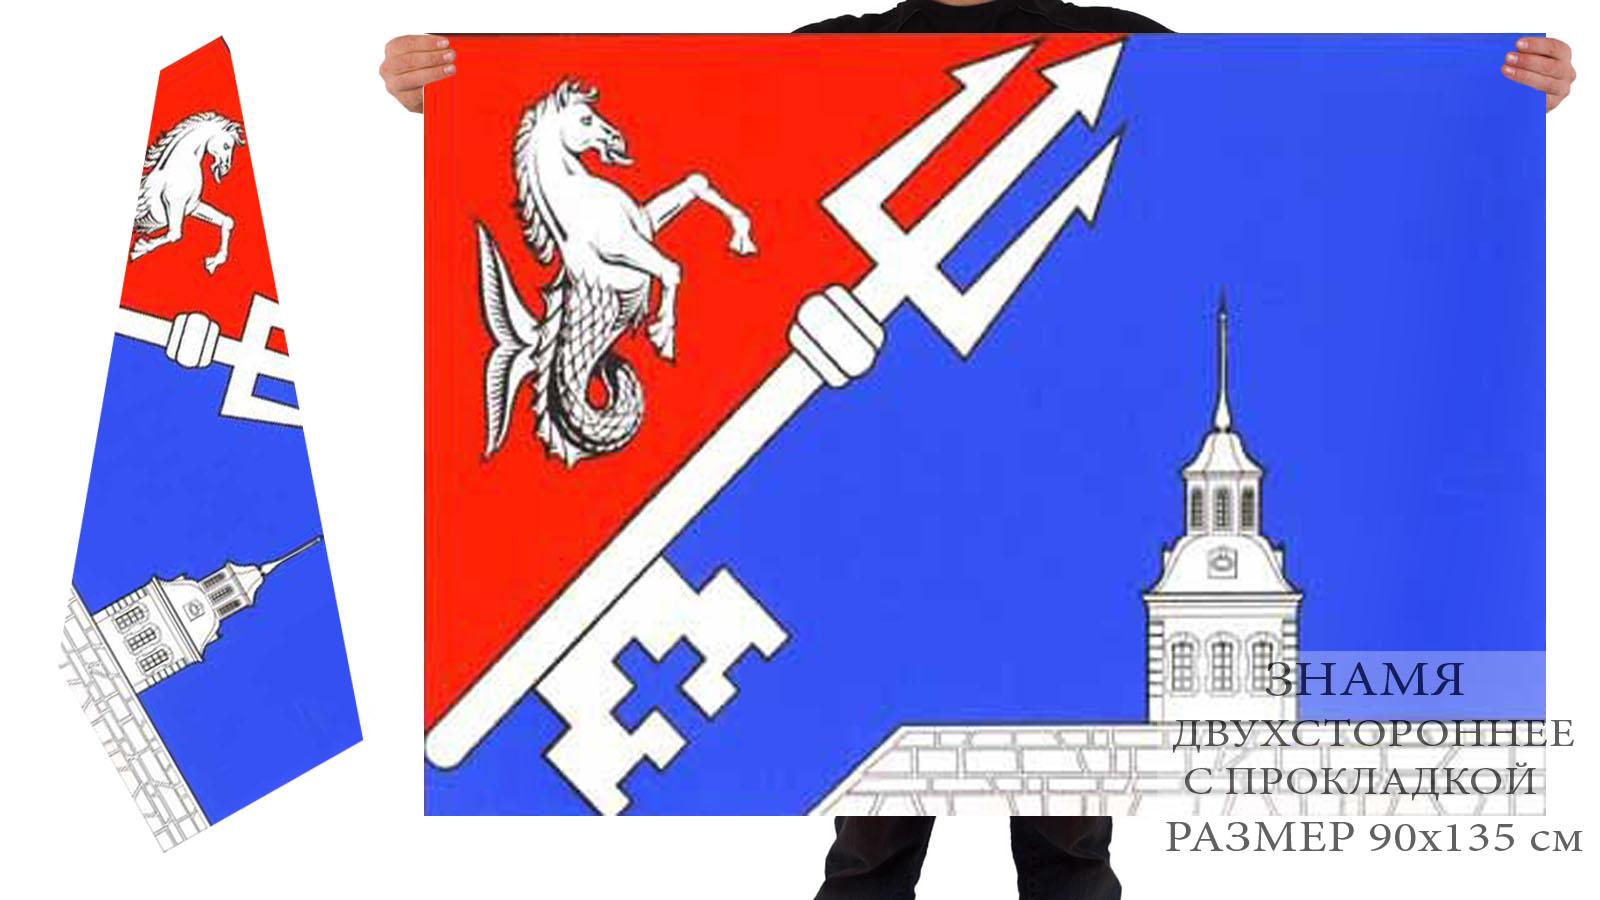 Двусторонний флаг внутригородского муниципального образования муниципальный округ Гавань